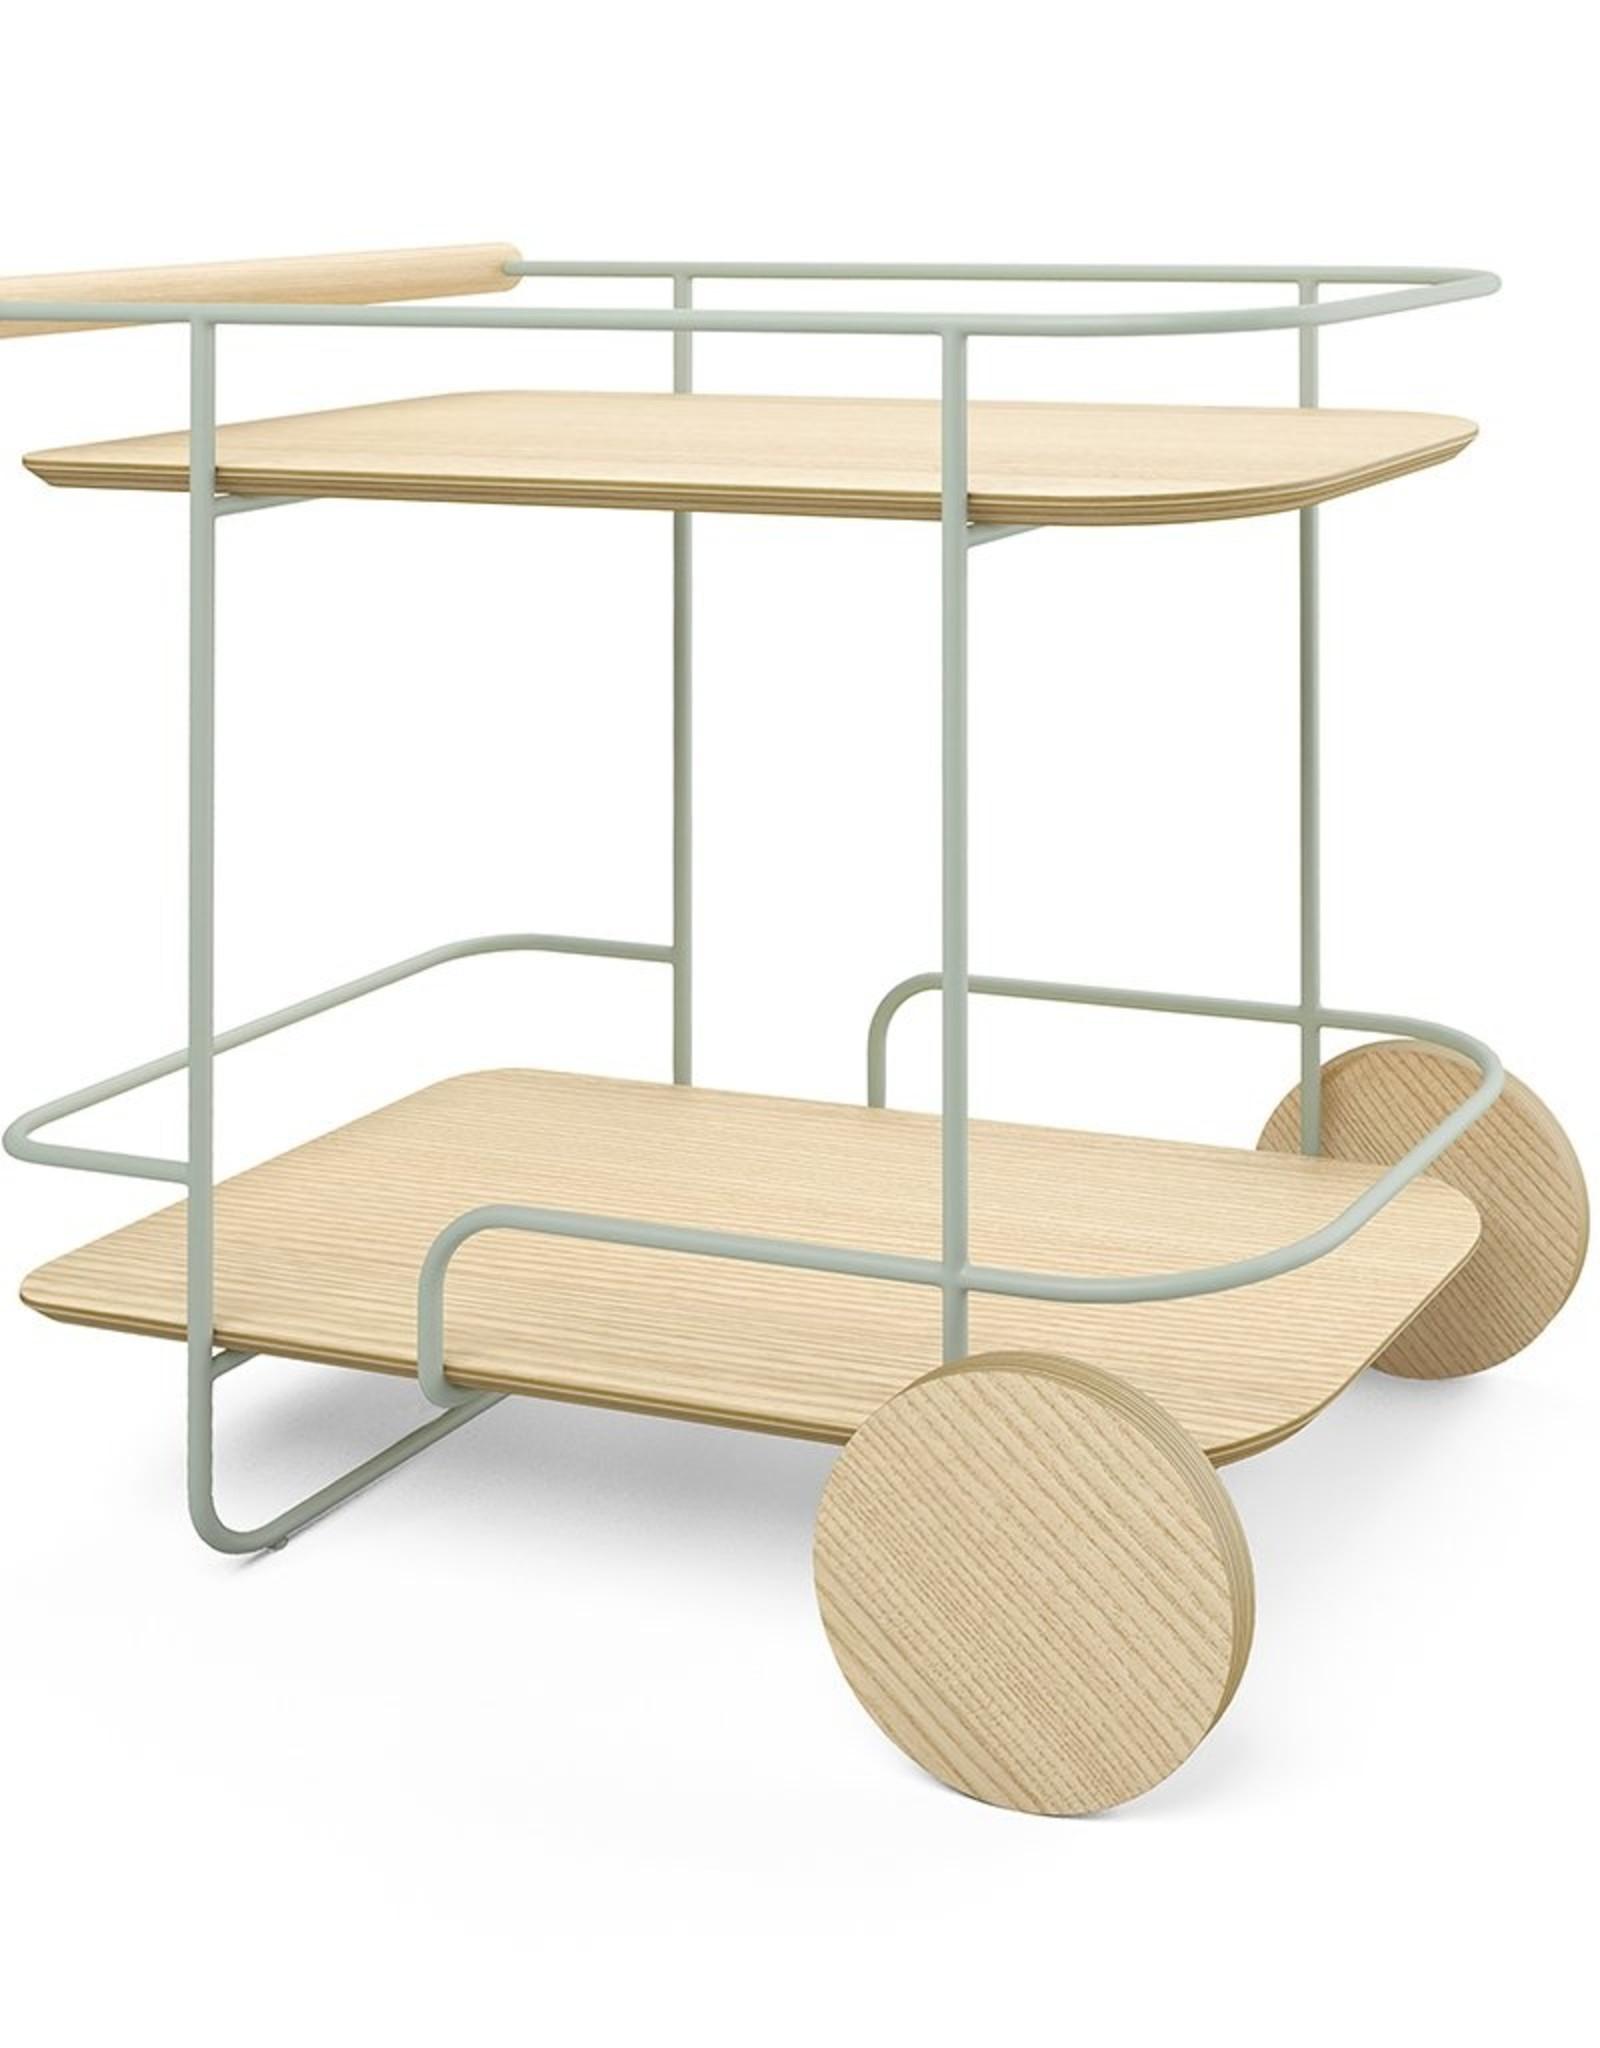 Gus* Modern Arcade Bar Cart